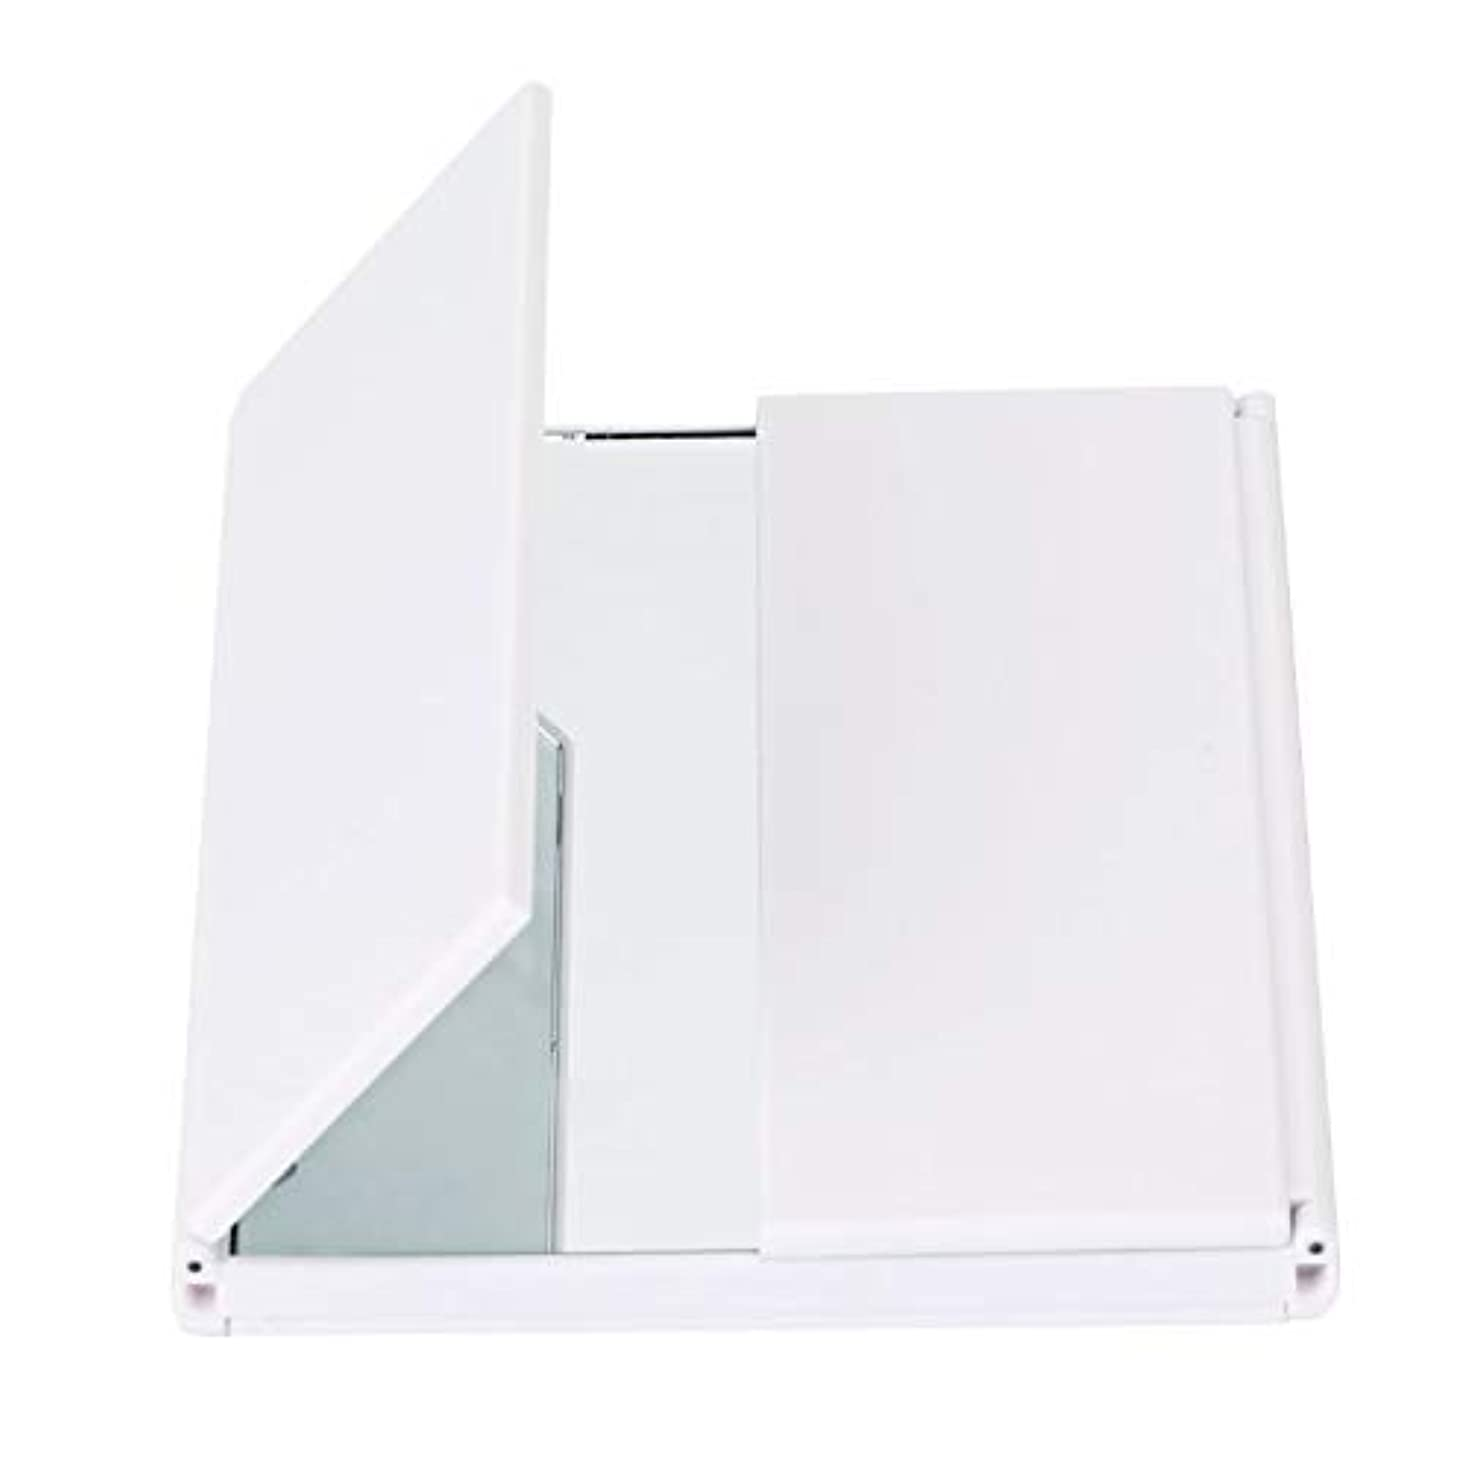 化粧鏡、導かれた軽い旅行化粧品のギフトが付いている三重の虚栄心ミラーの卓上スタンド (Color : ホワイト)